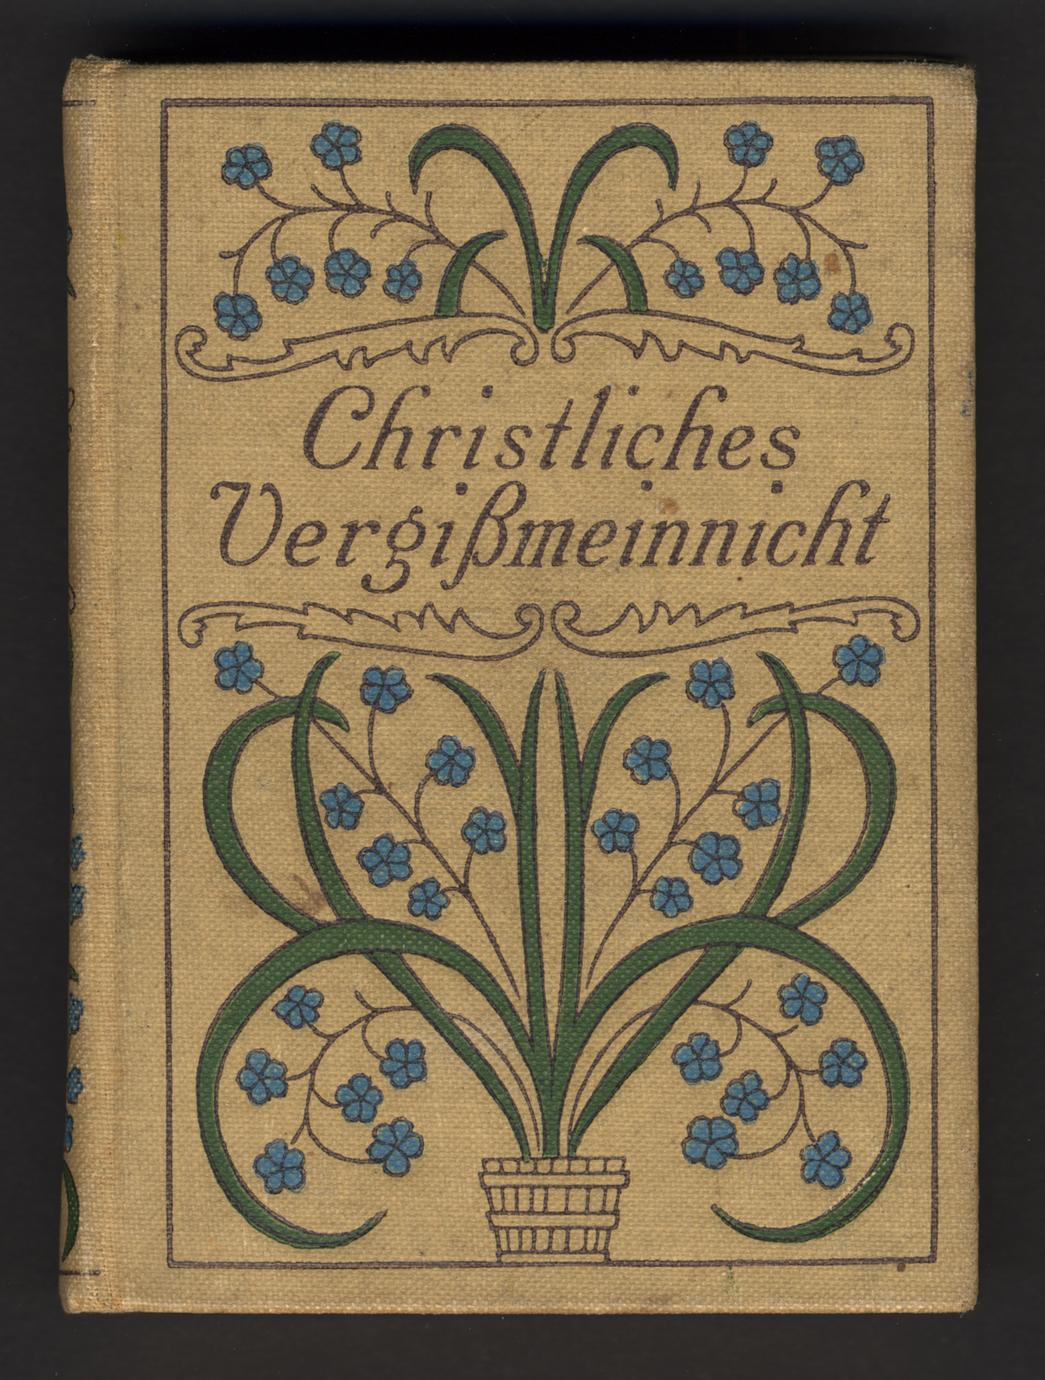 Christliches Vergissmeinnicht (1 of 2)